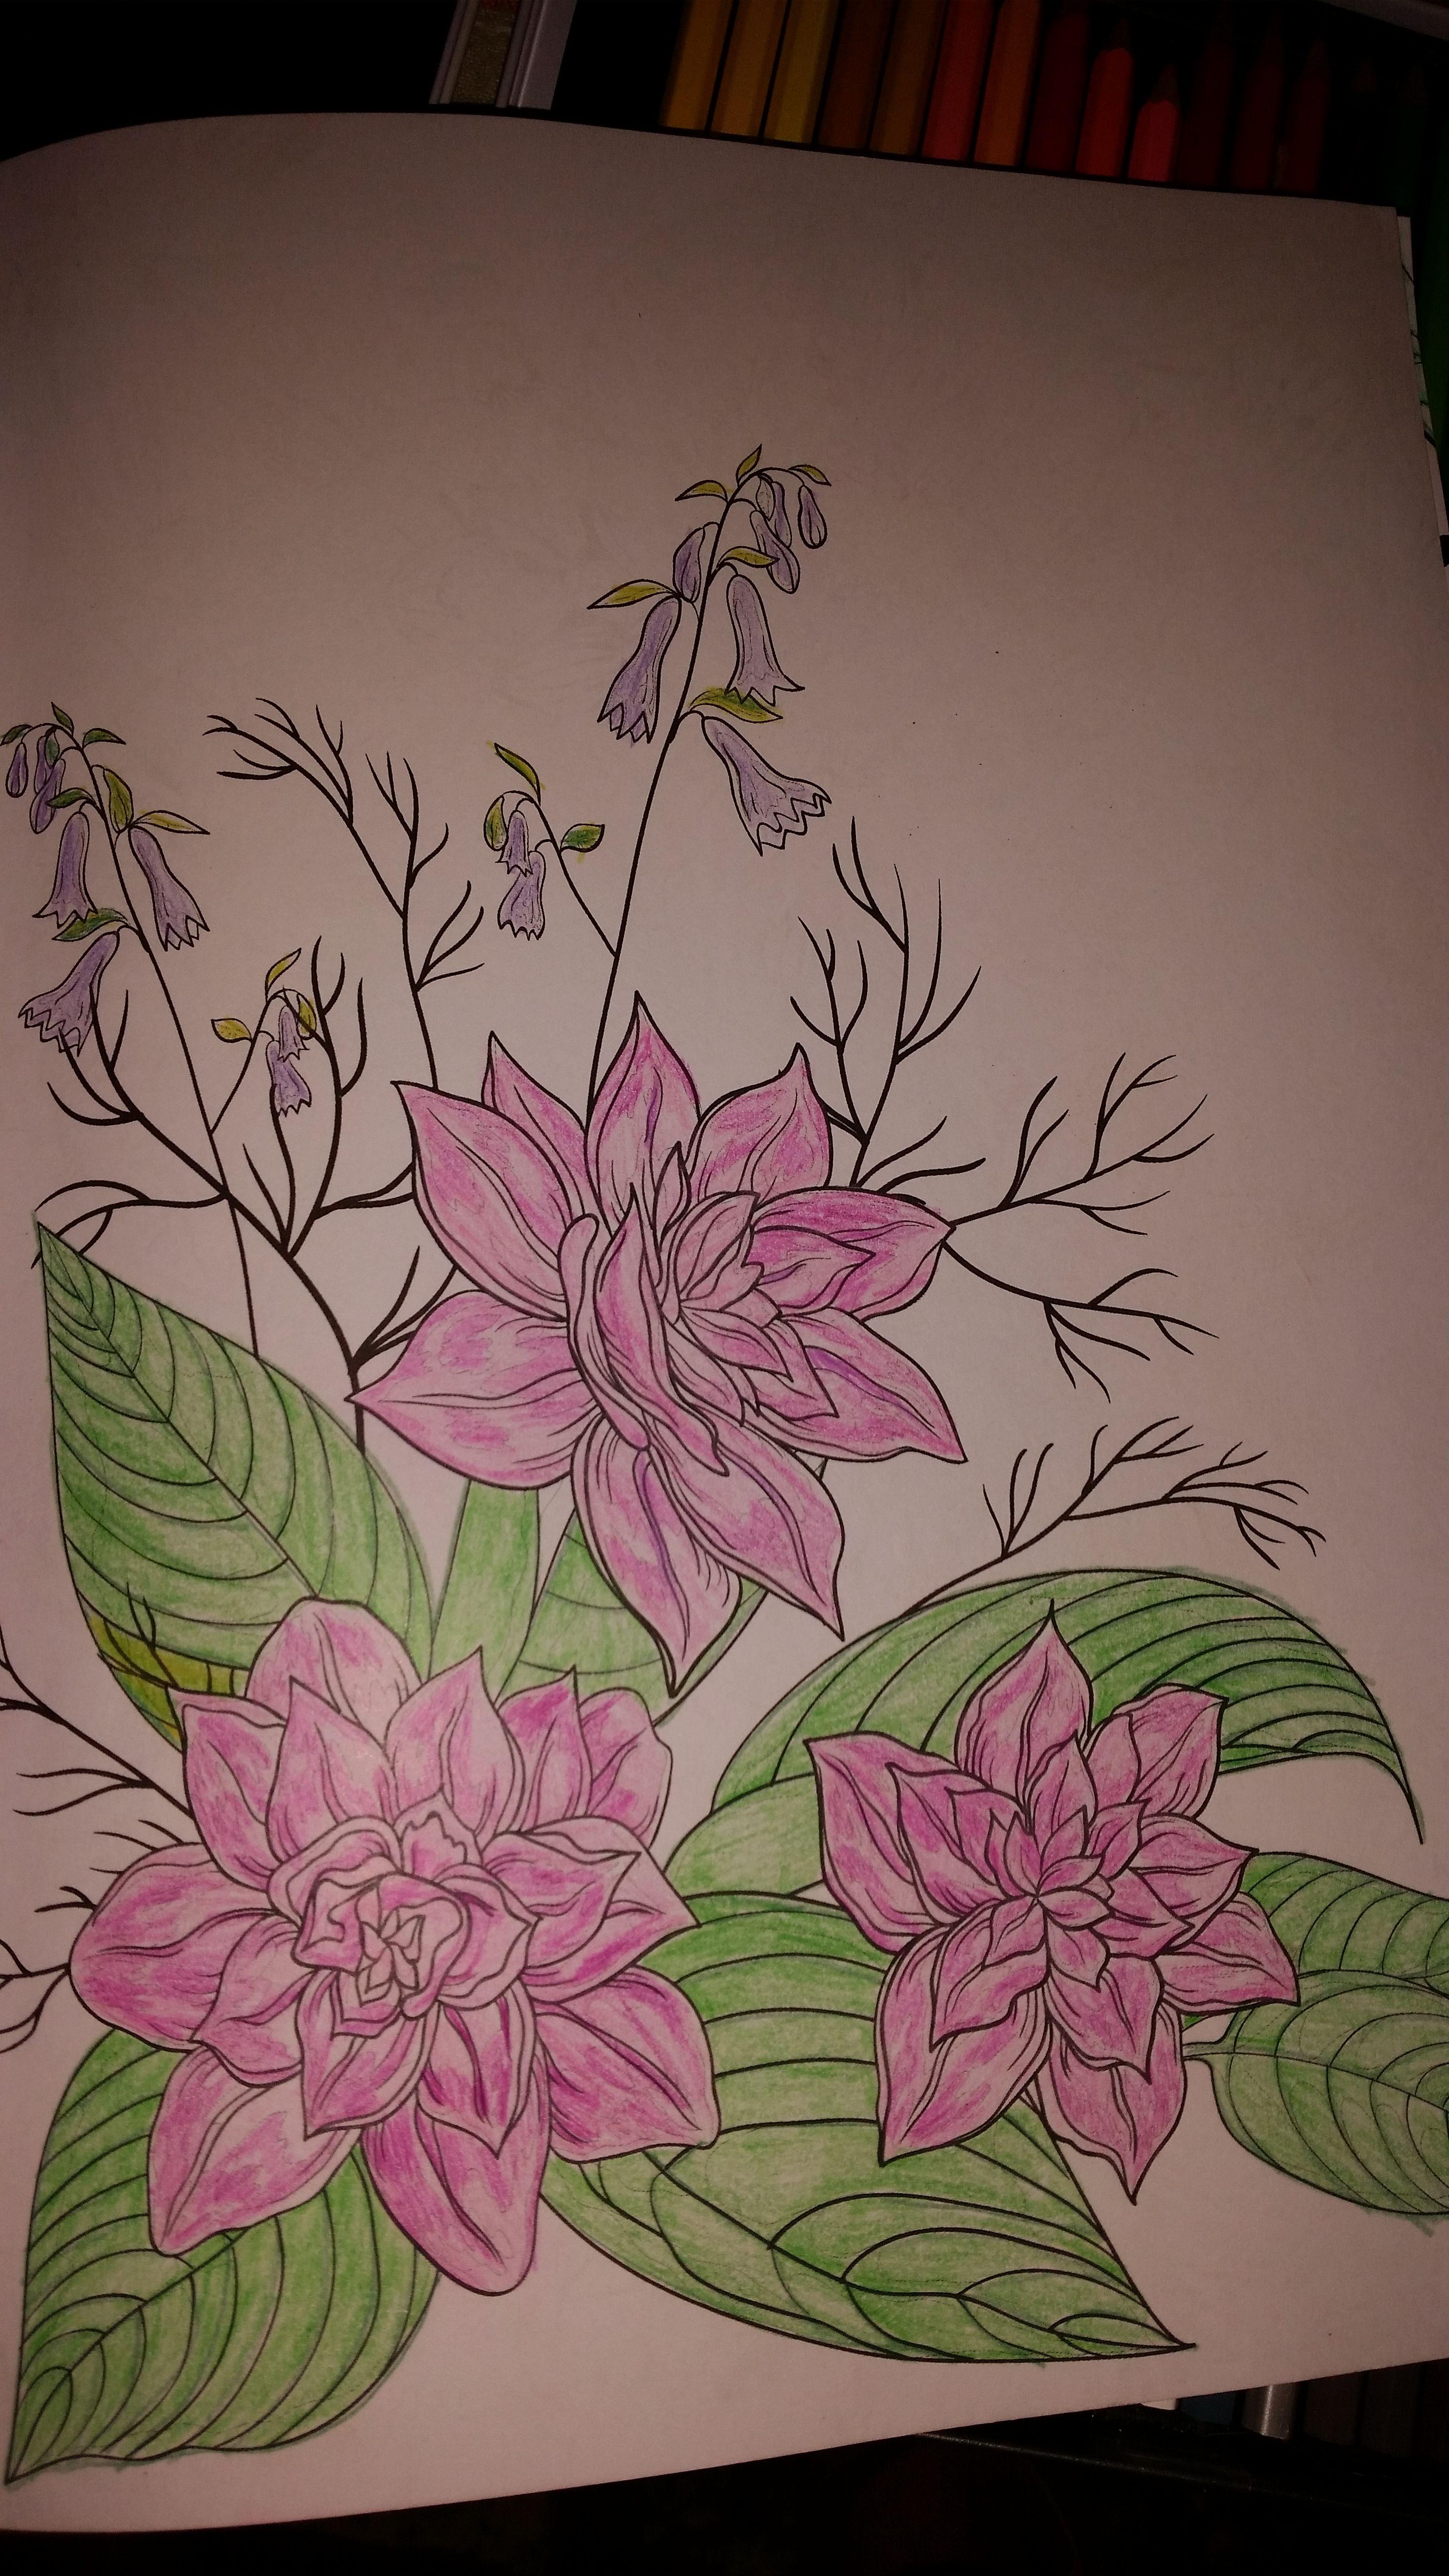 chantal s bloemen kleurplaat bloem kleurplaten